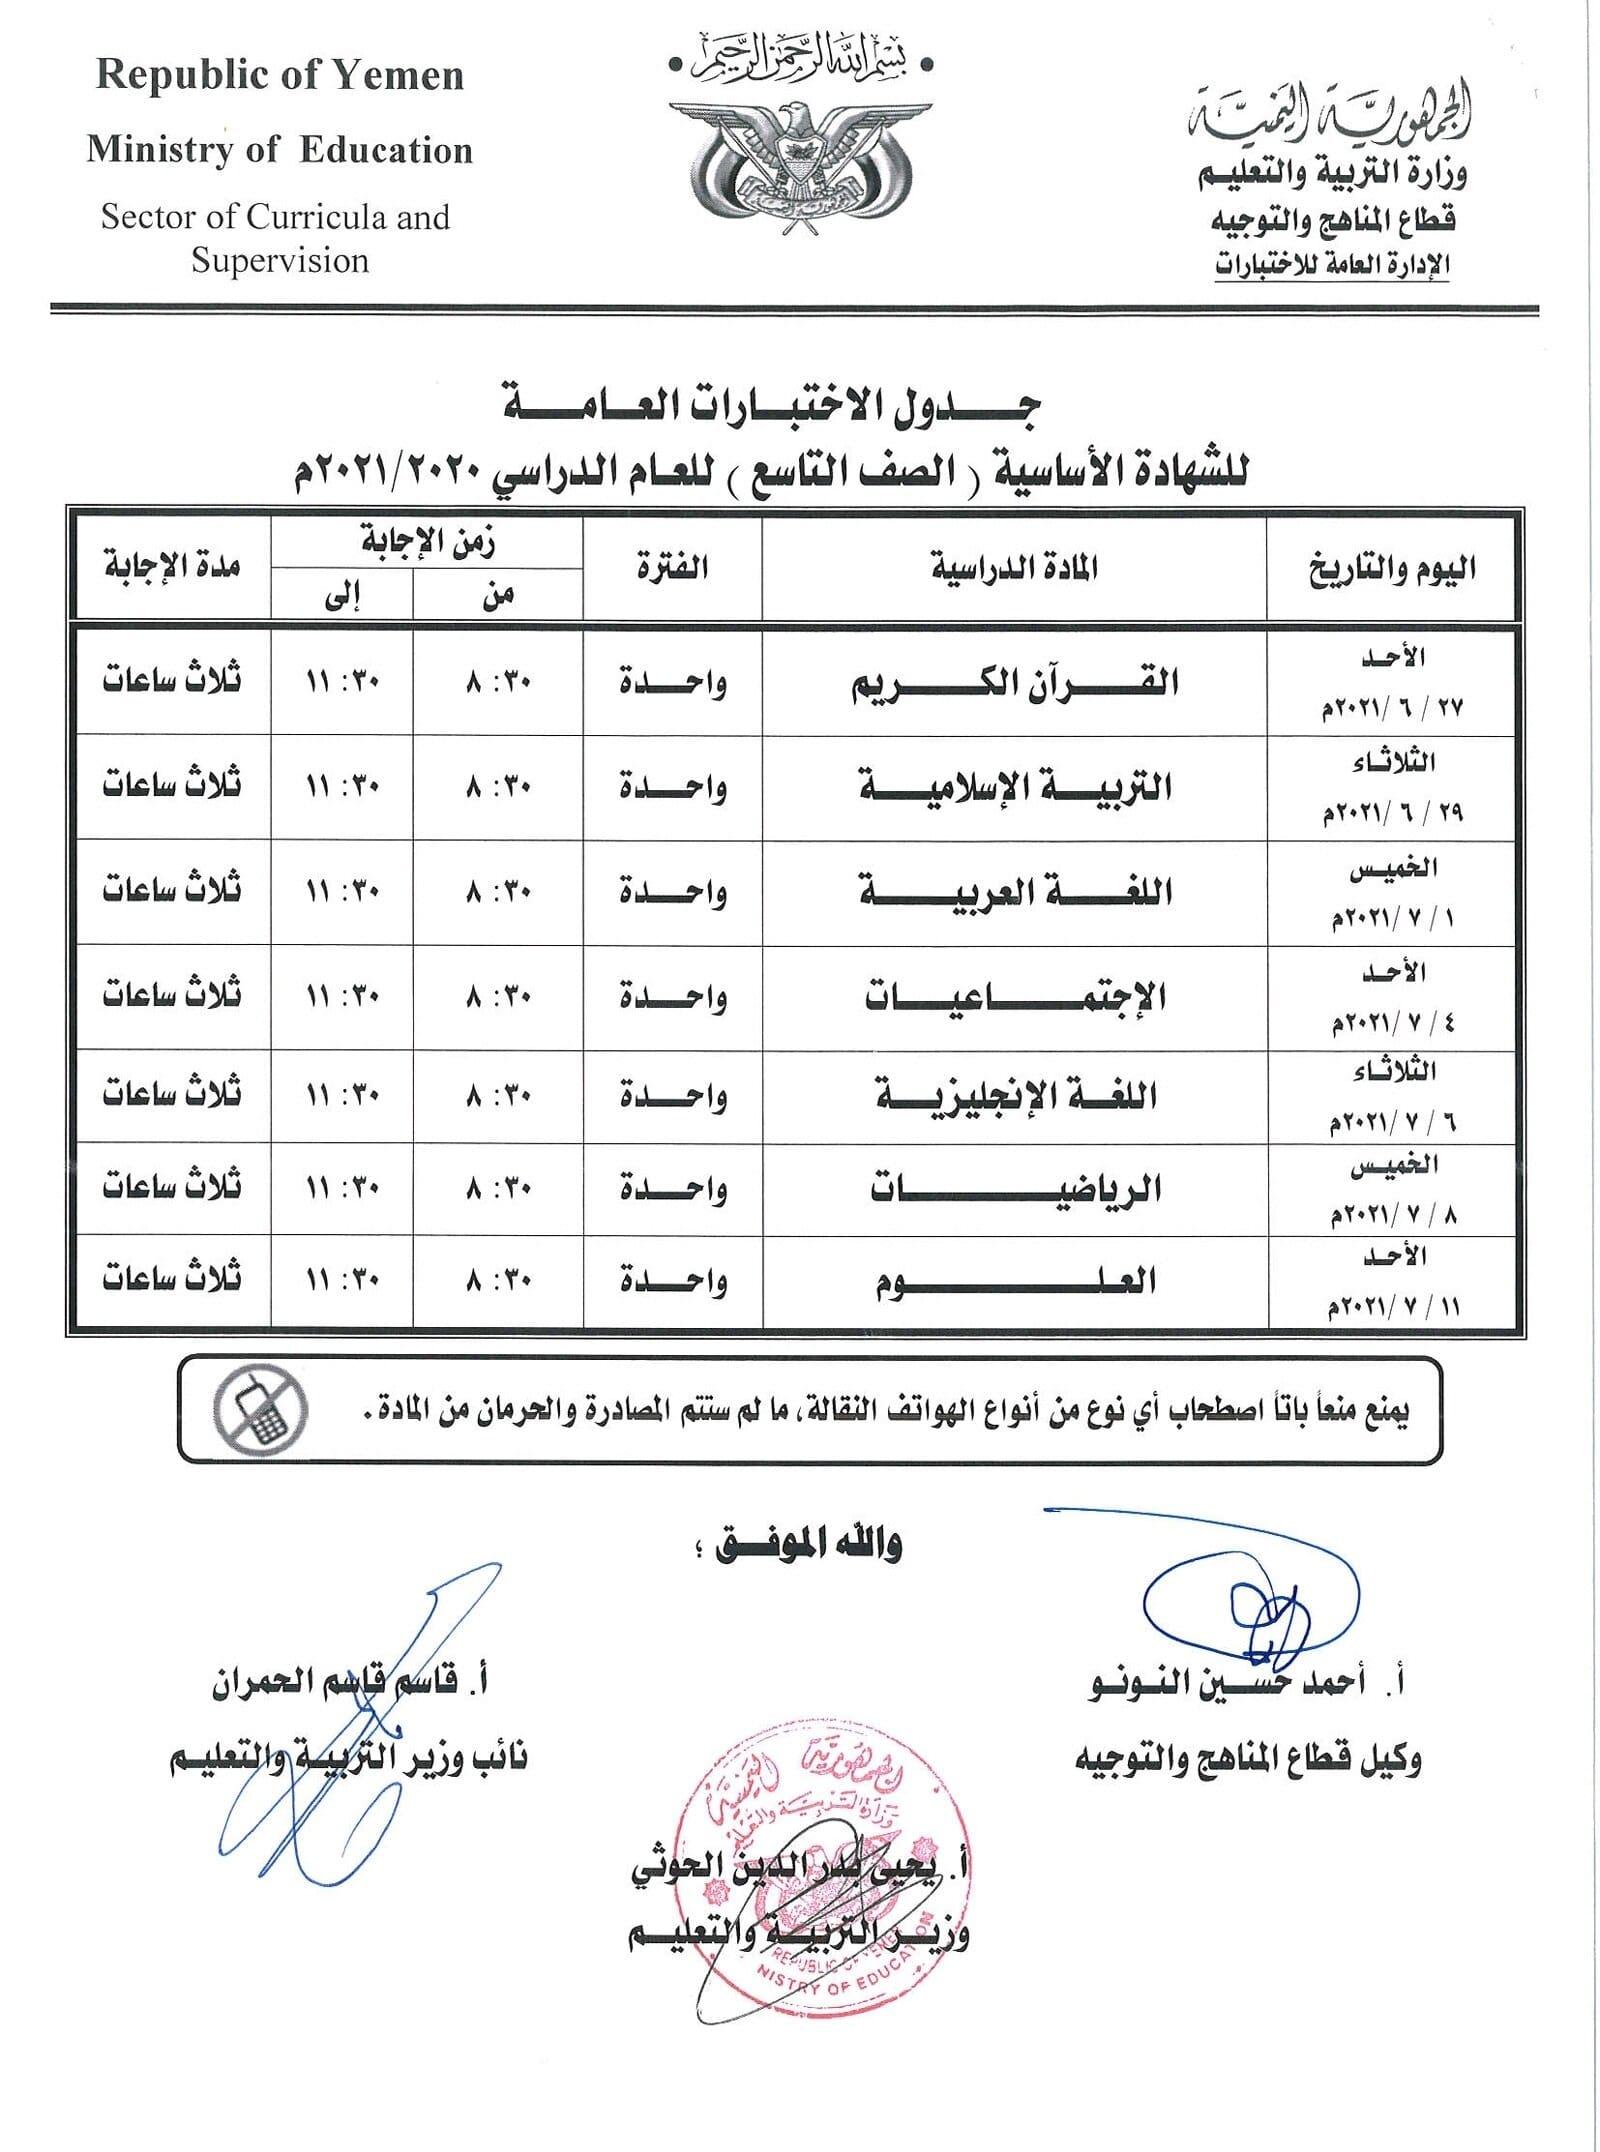 جدول اختبارات الصف التاسع للعام الدراسي 2020-2021